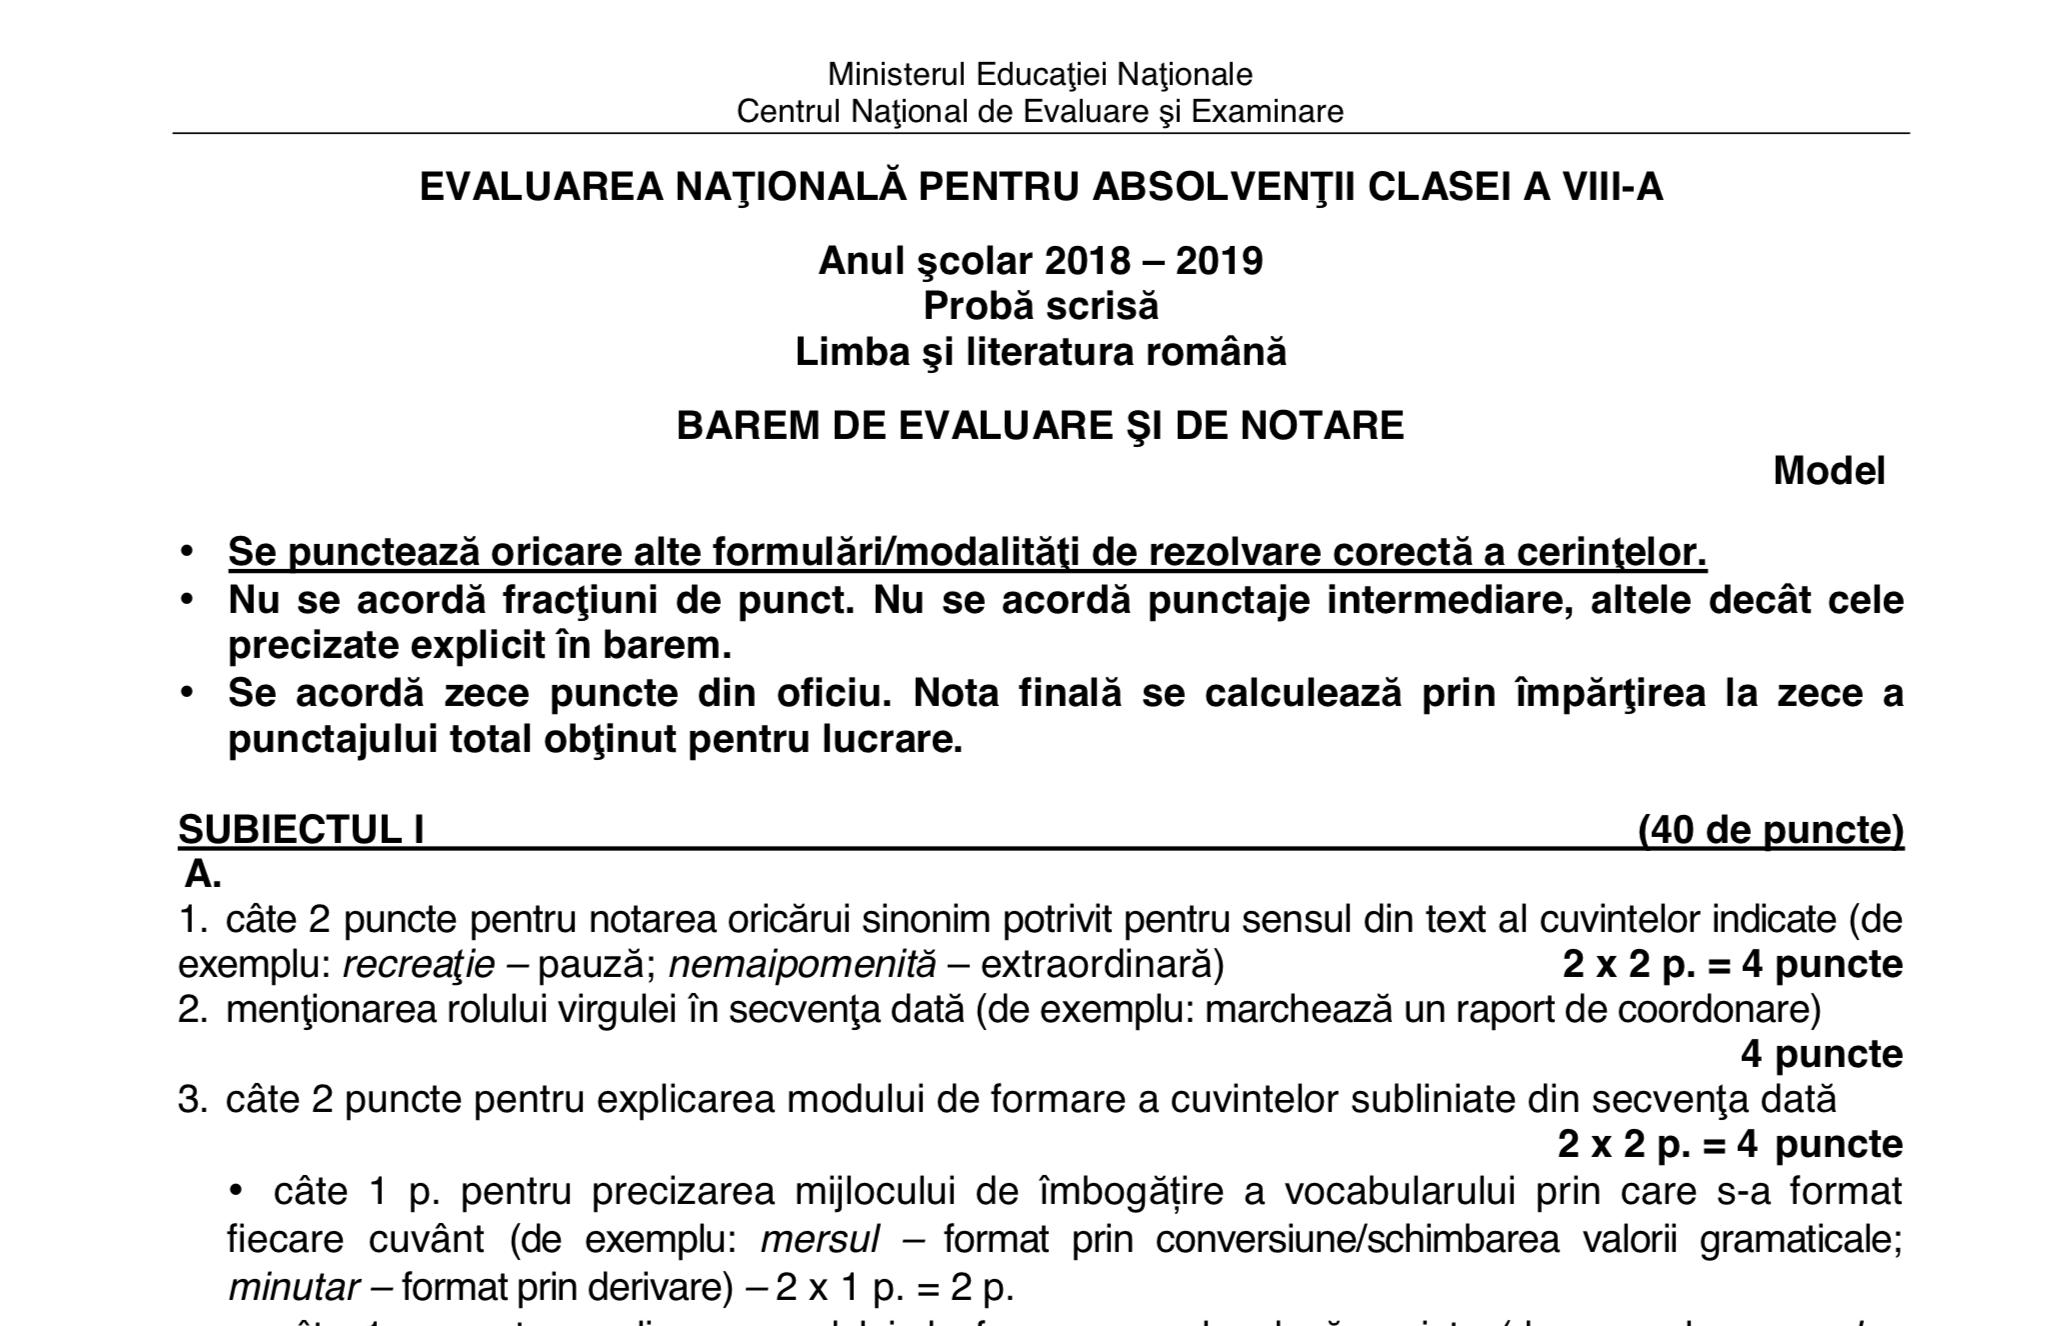 Subiecte Evaluarea Națională 2019 Limba Română. Avem subiectele de la proba de luni